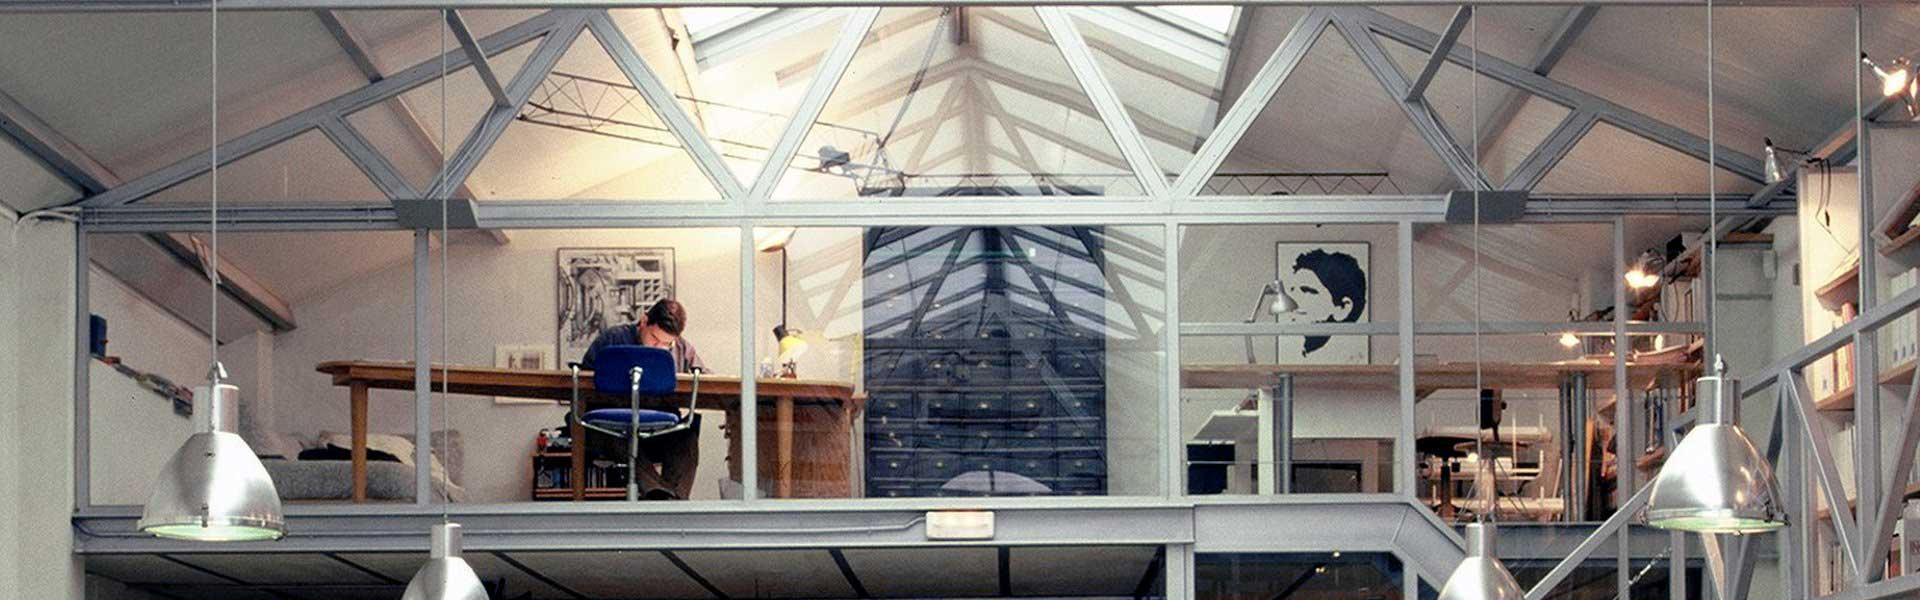 la-nave-coworking-despacho-privado-2-11